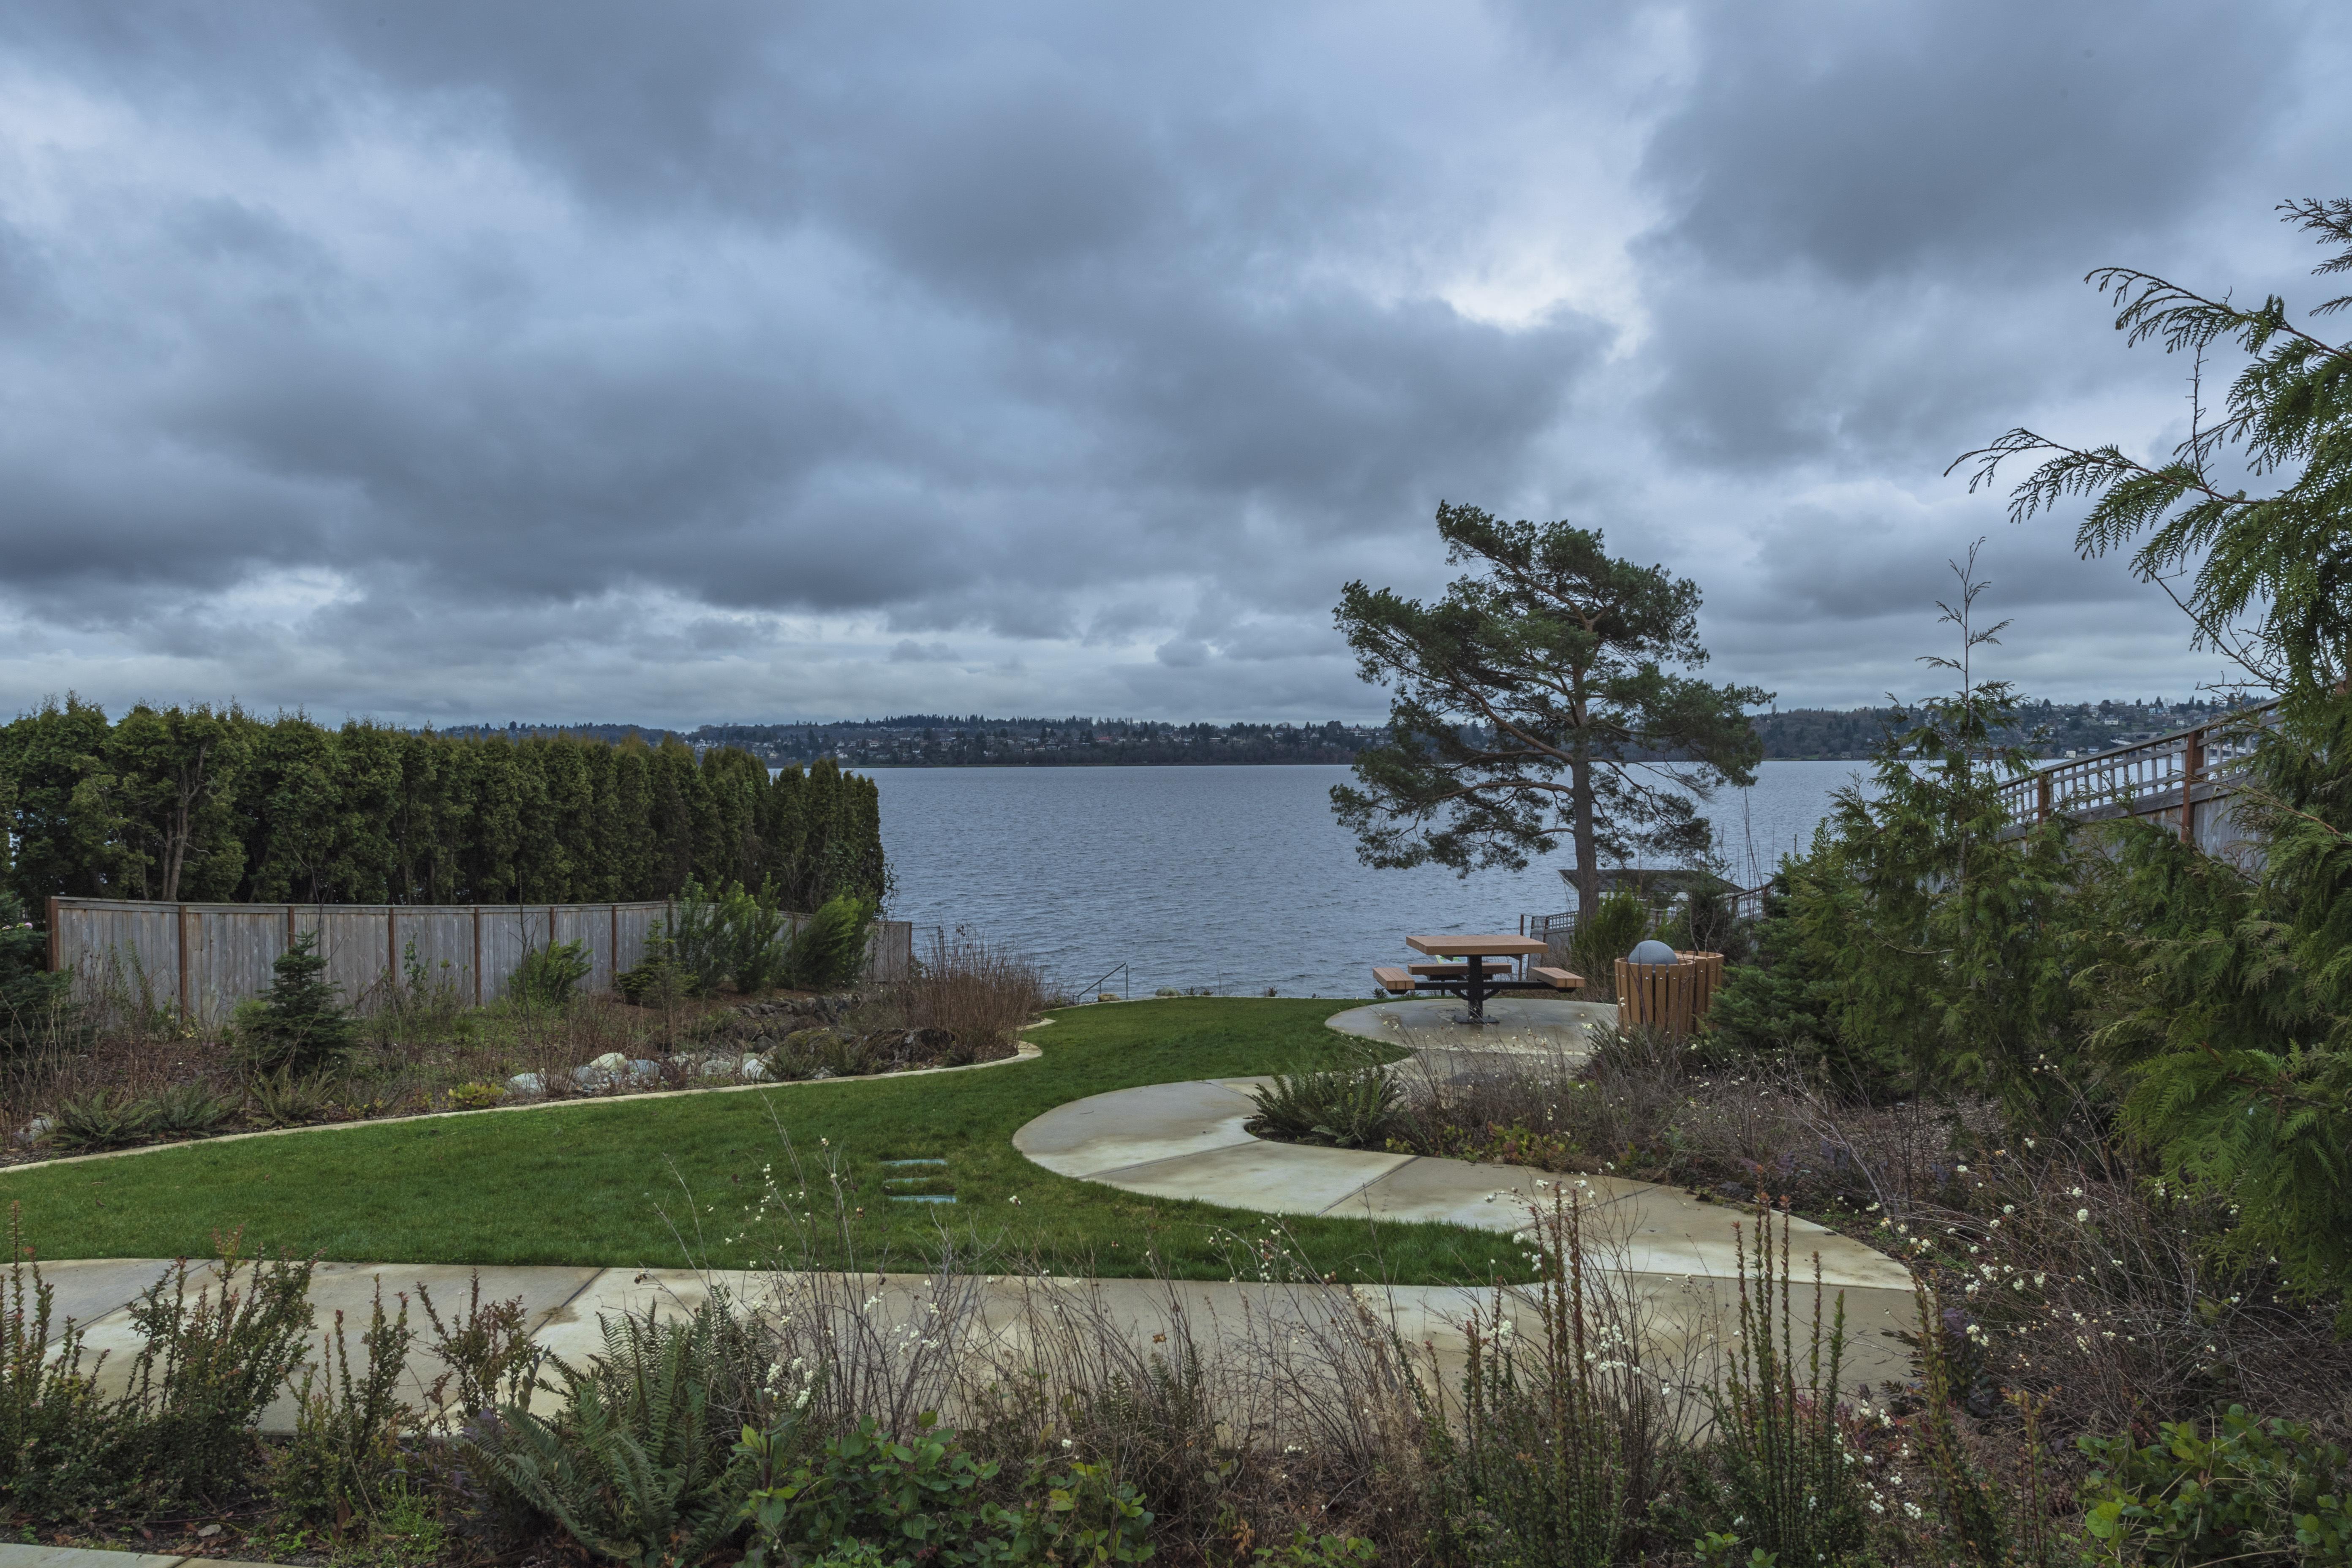 比尔盖茨在西雅图的水岸豪宅,就在这个叫华盛顿湖的岸边